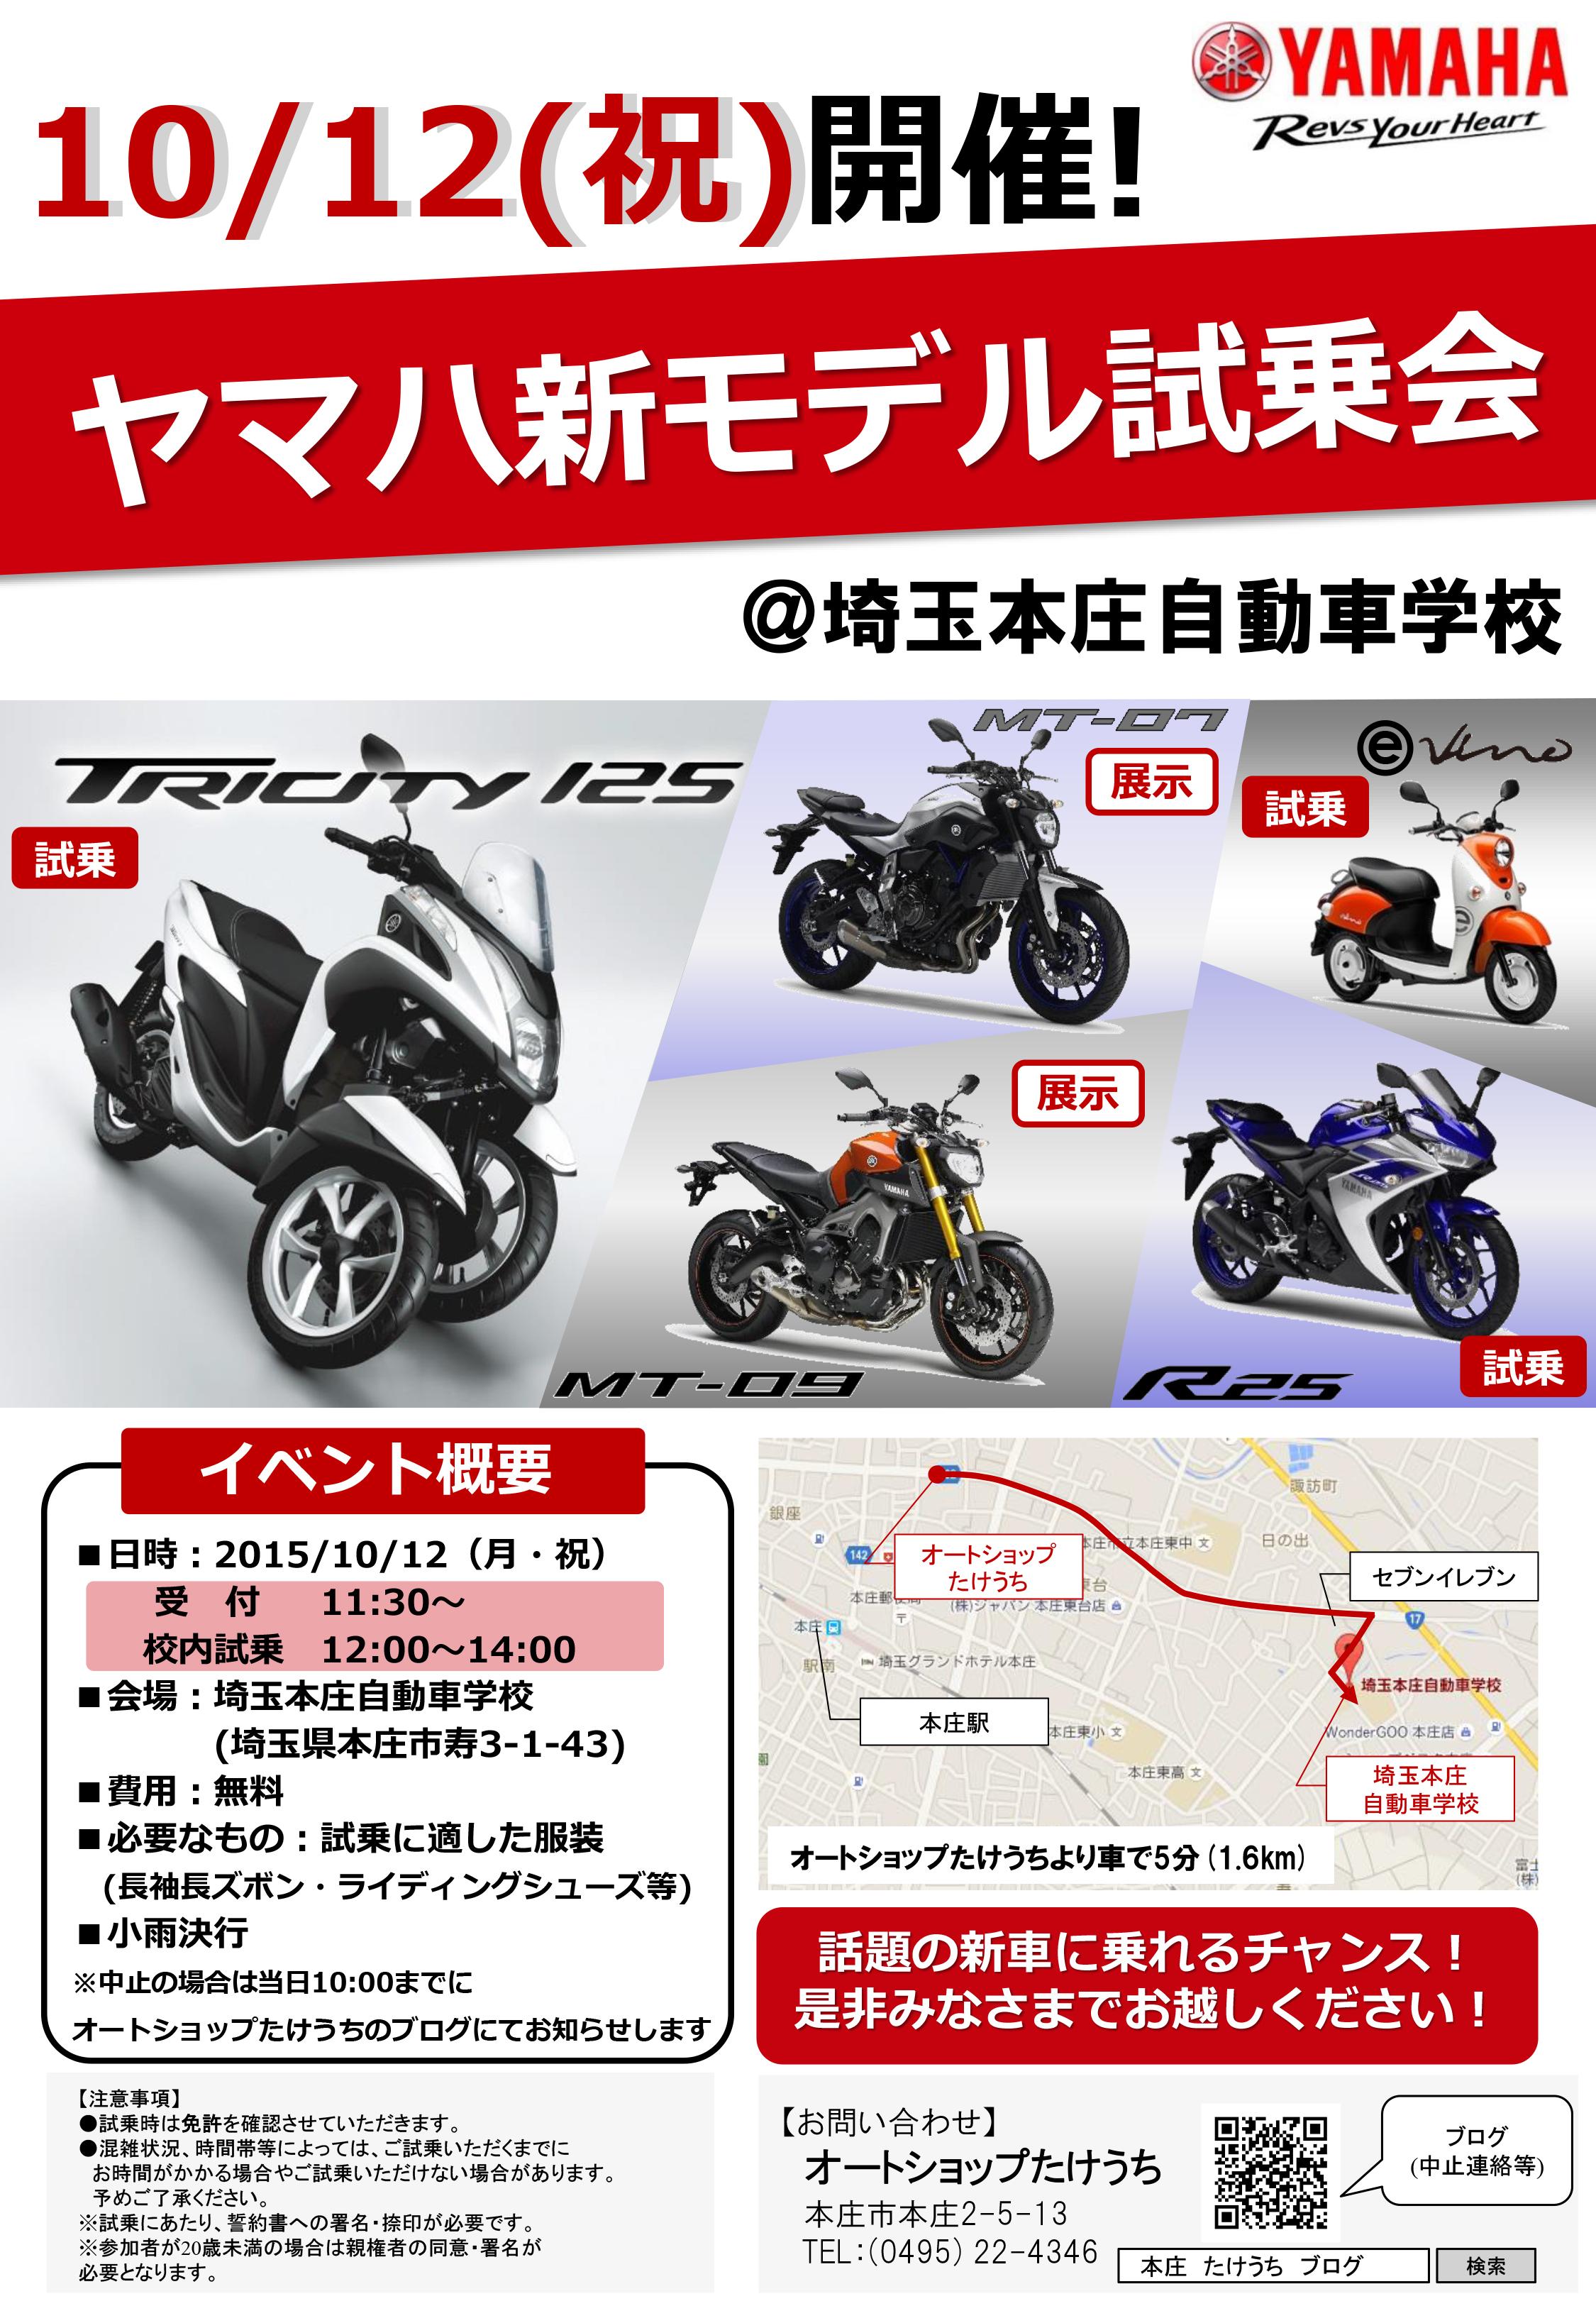 バイク試乗会in埼玉